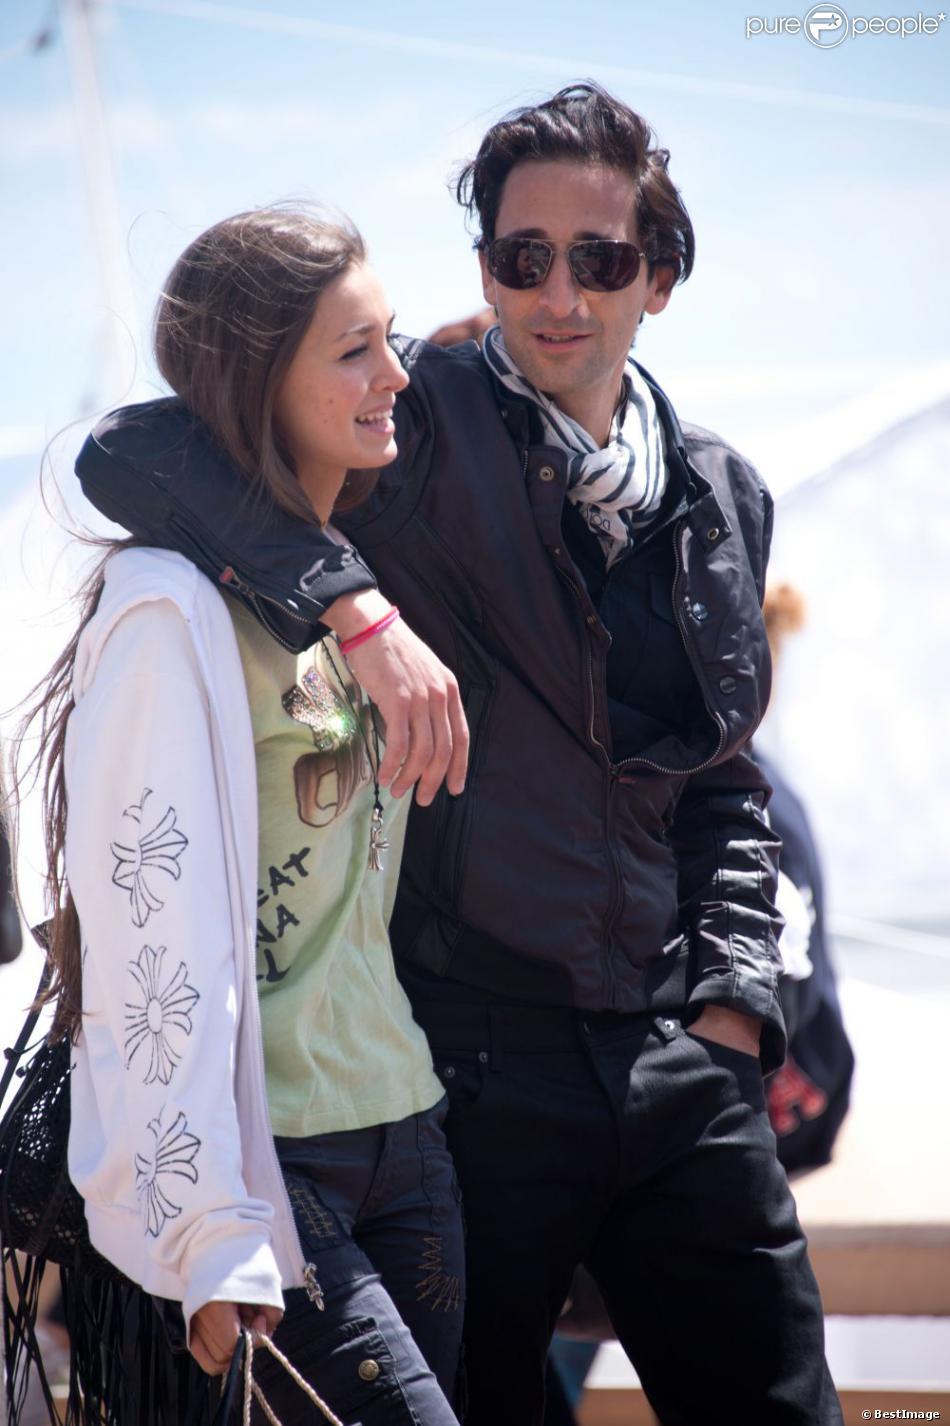 Exclusif - Adrien Brody et sa compagne Lara Lieto se promenant sur la Croisette lors du 66e Festival du Film de Cannes le 19 mai 2013